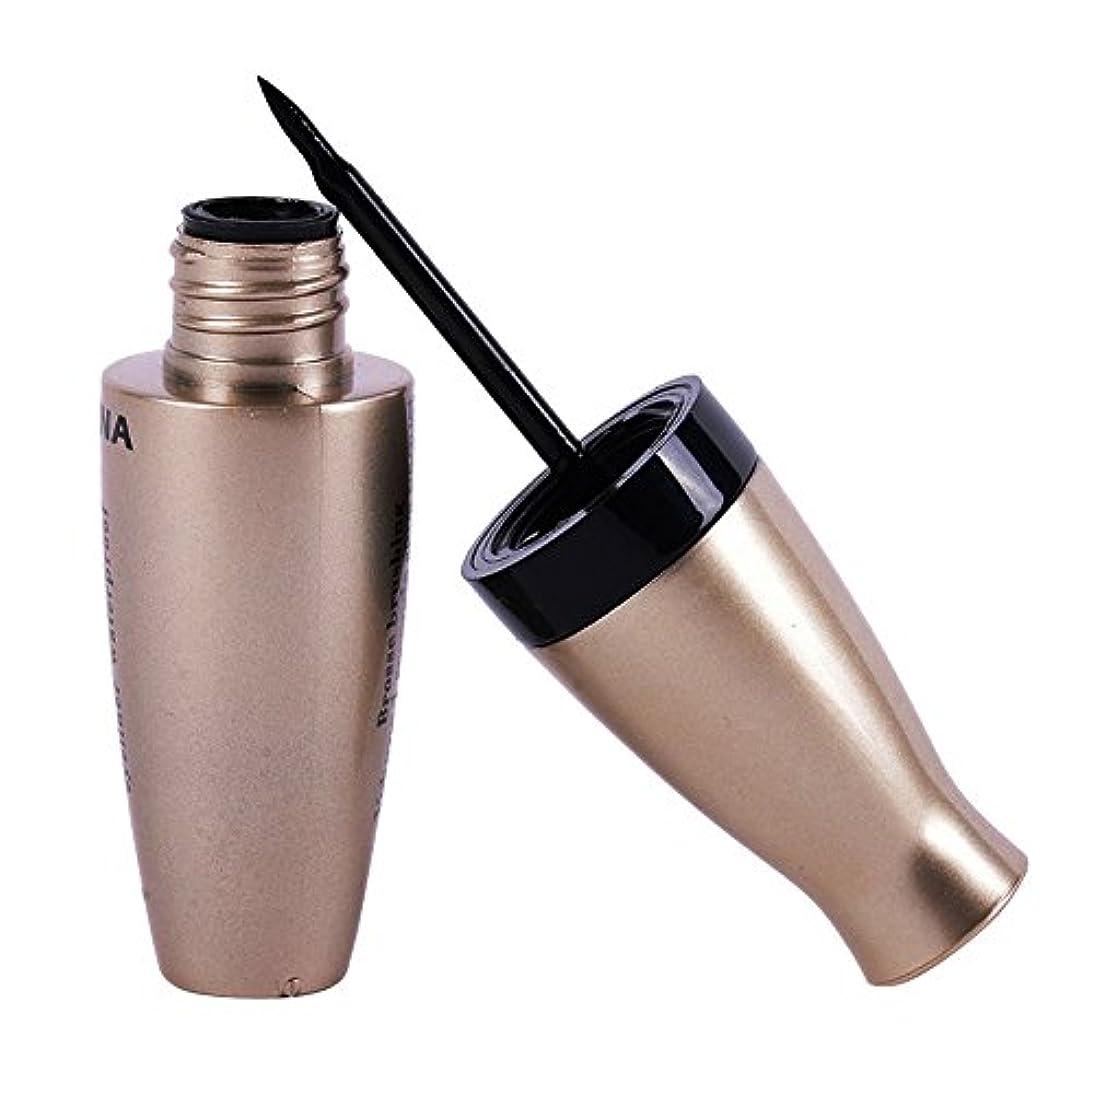 単なる信仰感心する新しいアイライナー防水リキッドアイライナーペンシルペンメイクアップ美容化粧品